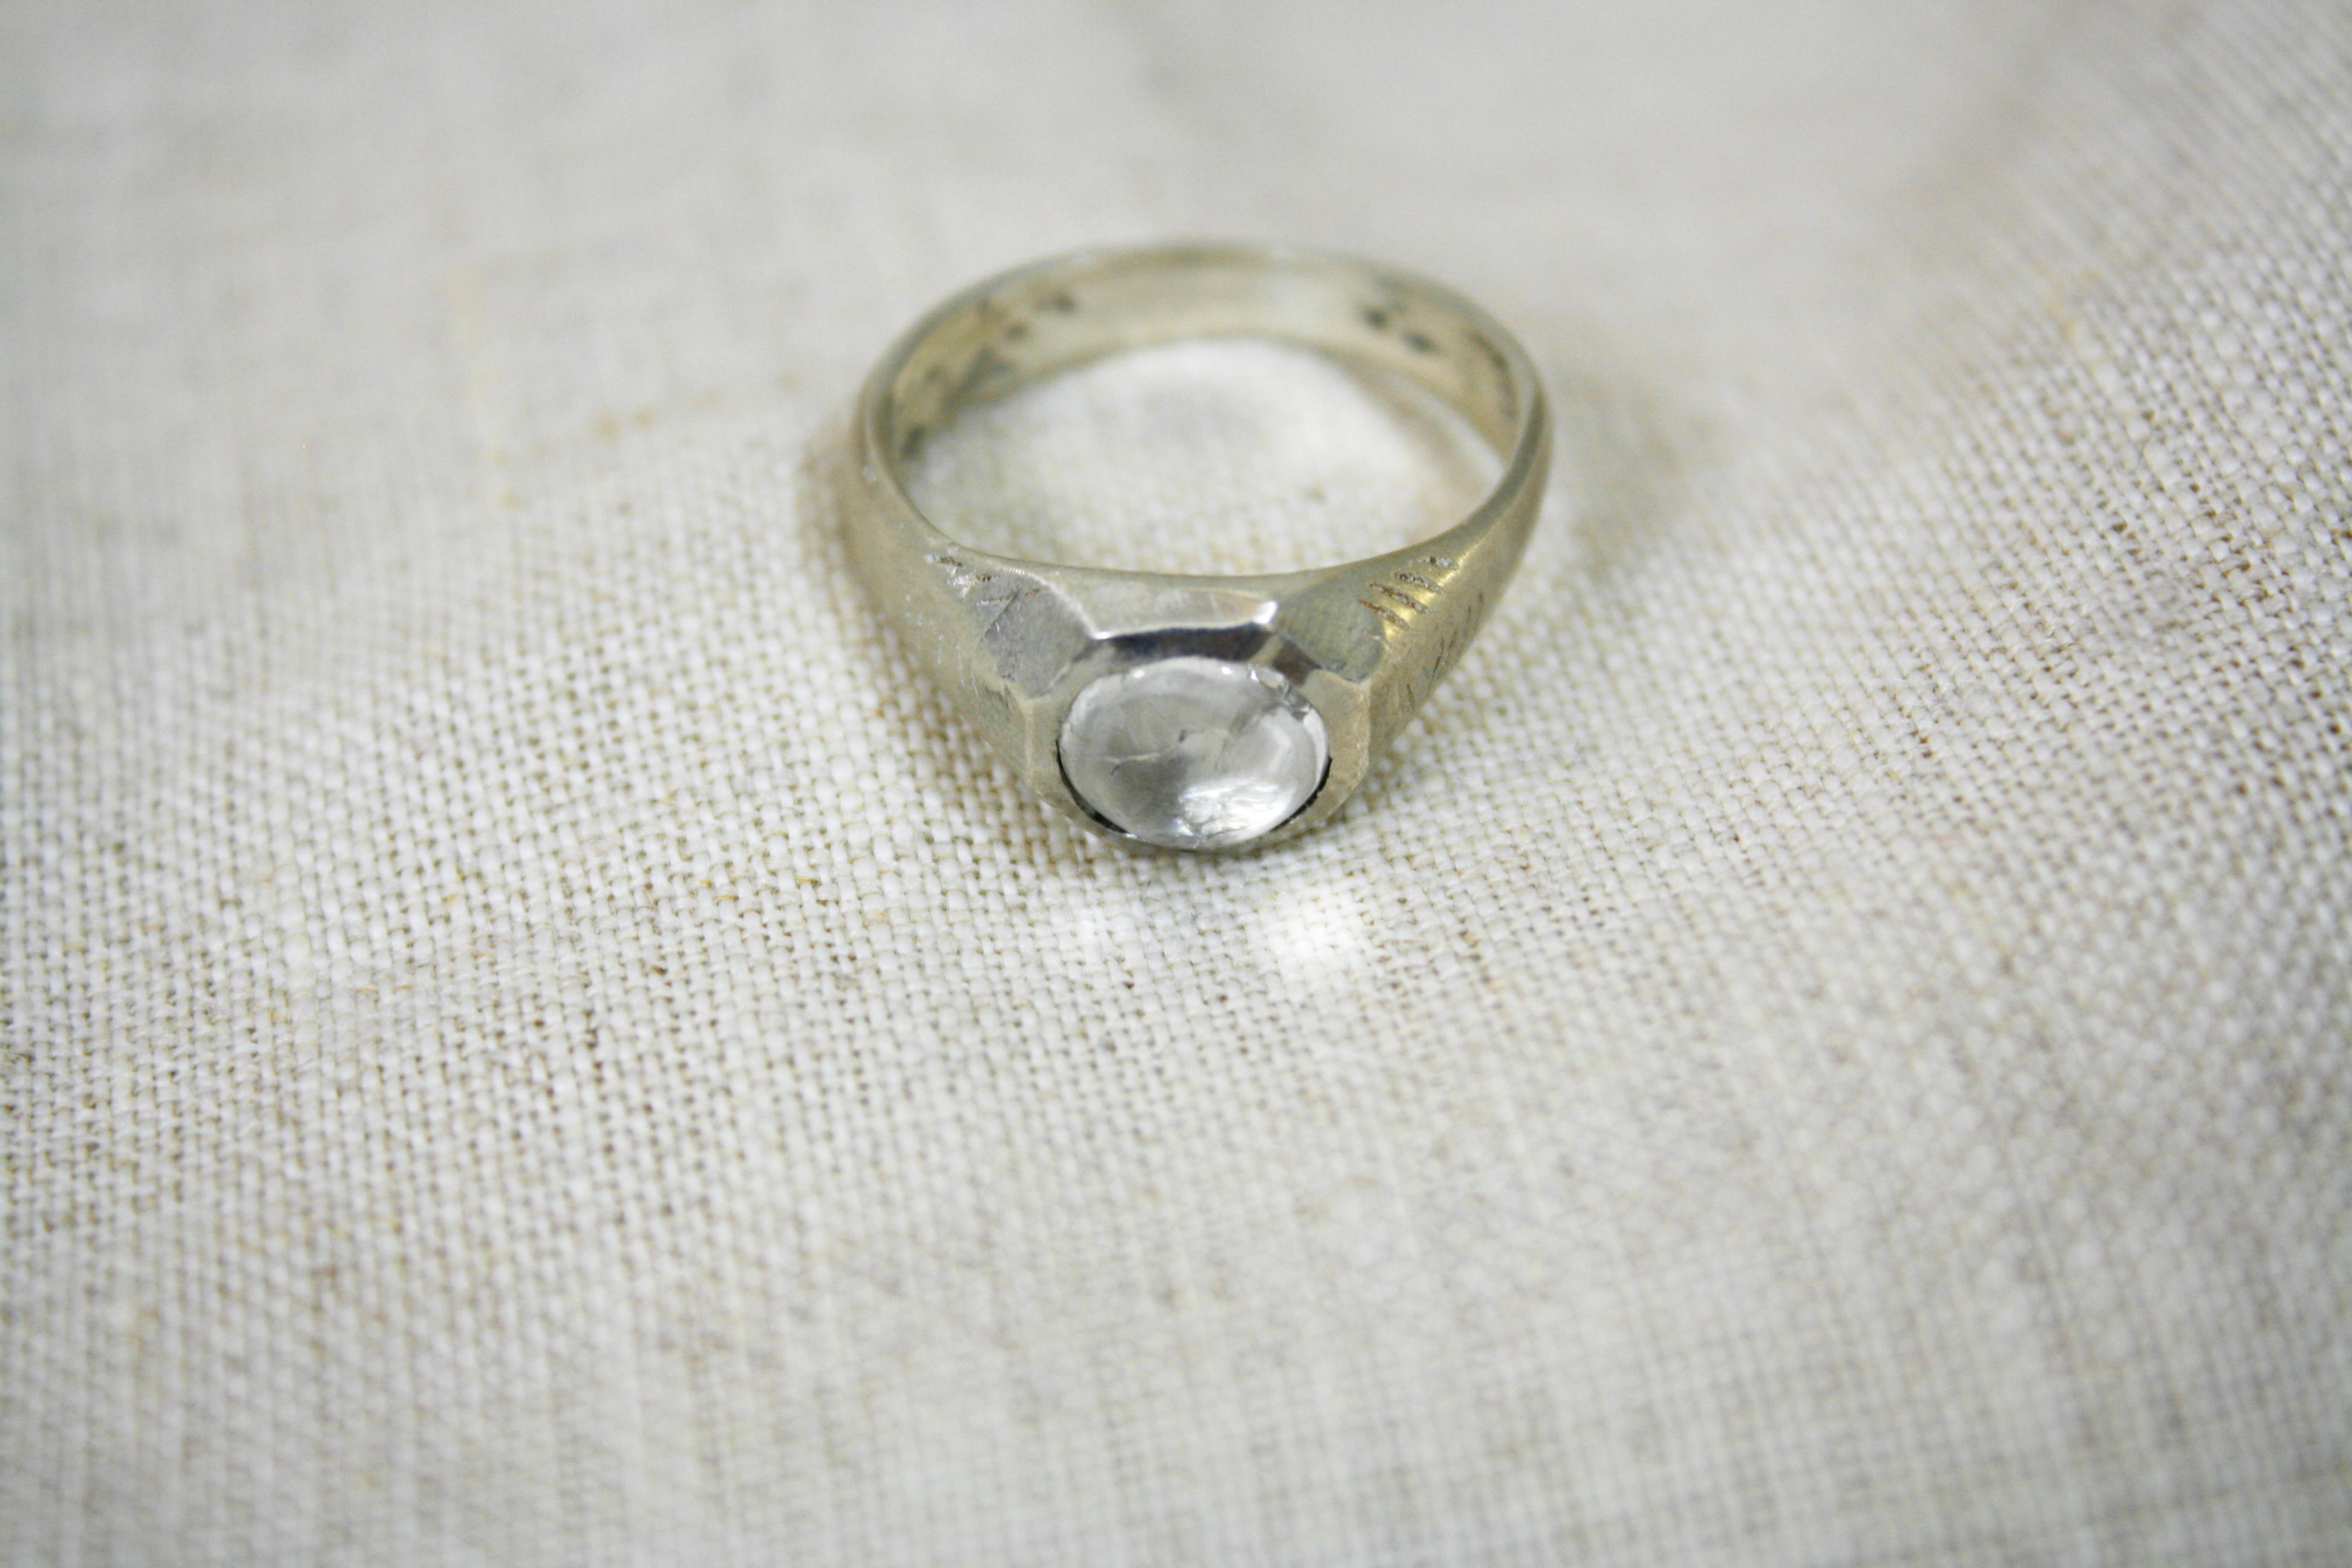 טבעת בארות מים מתוקים קווארץ וכסף